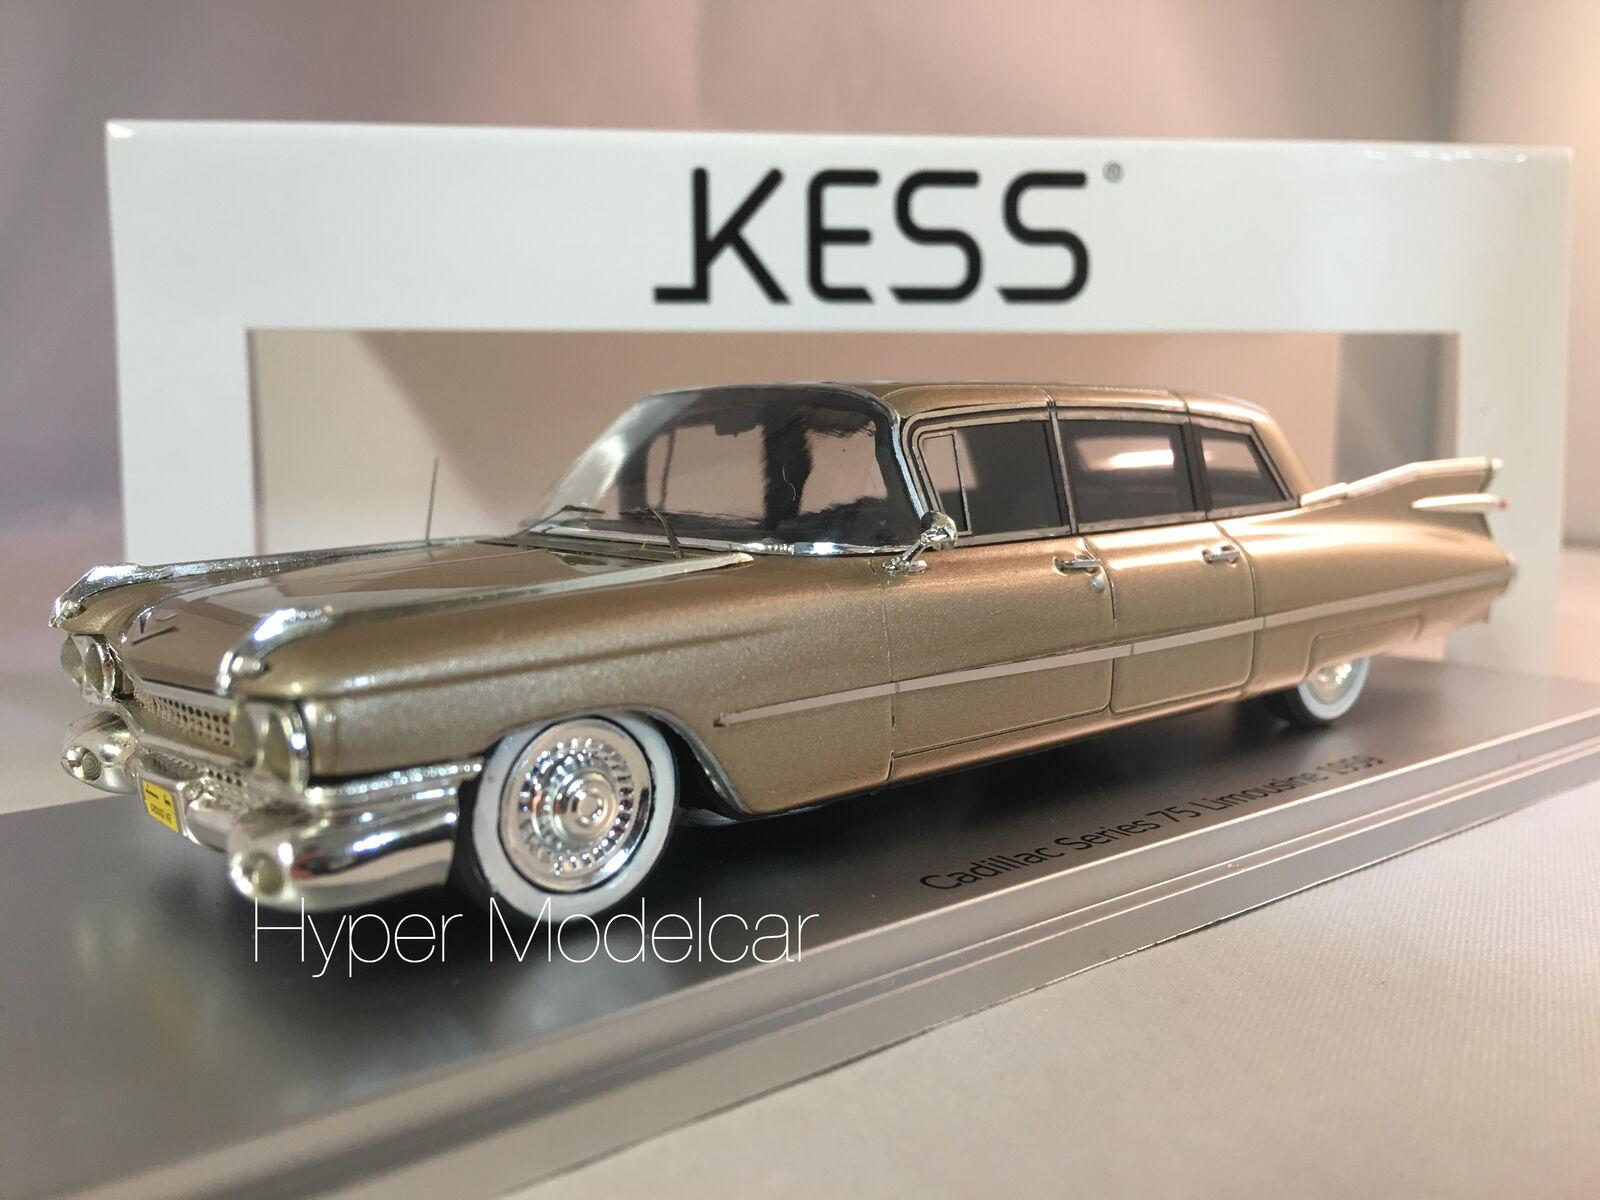 KESS MODEL 1 43 CADILLAC SERIES 75 LONG LIMOUSINE 1959 Gold MET. ART. KE43020002